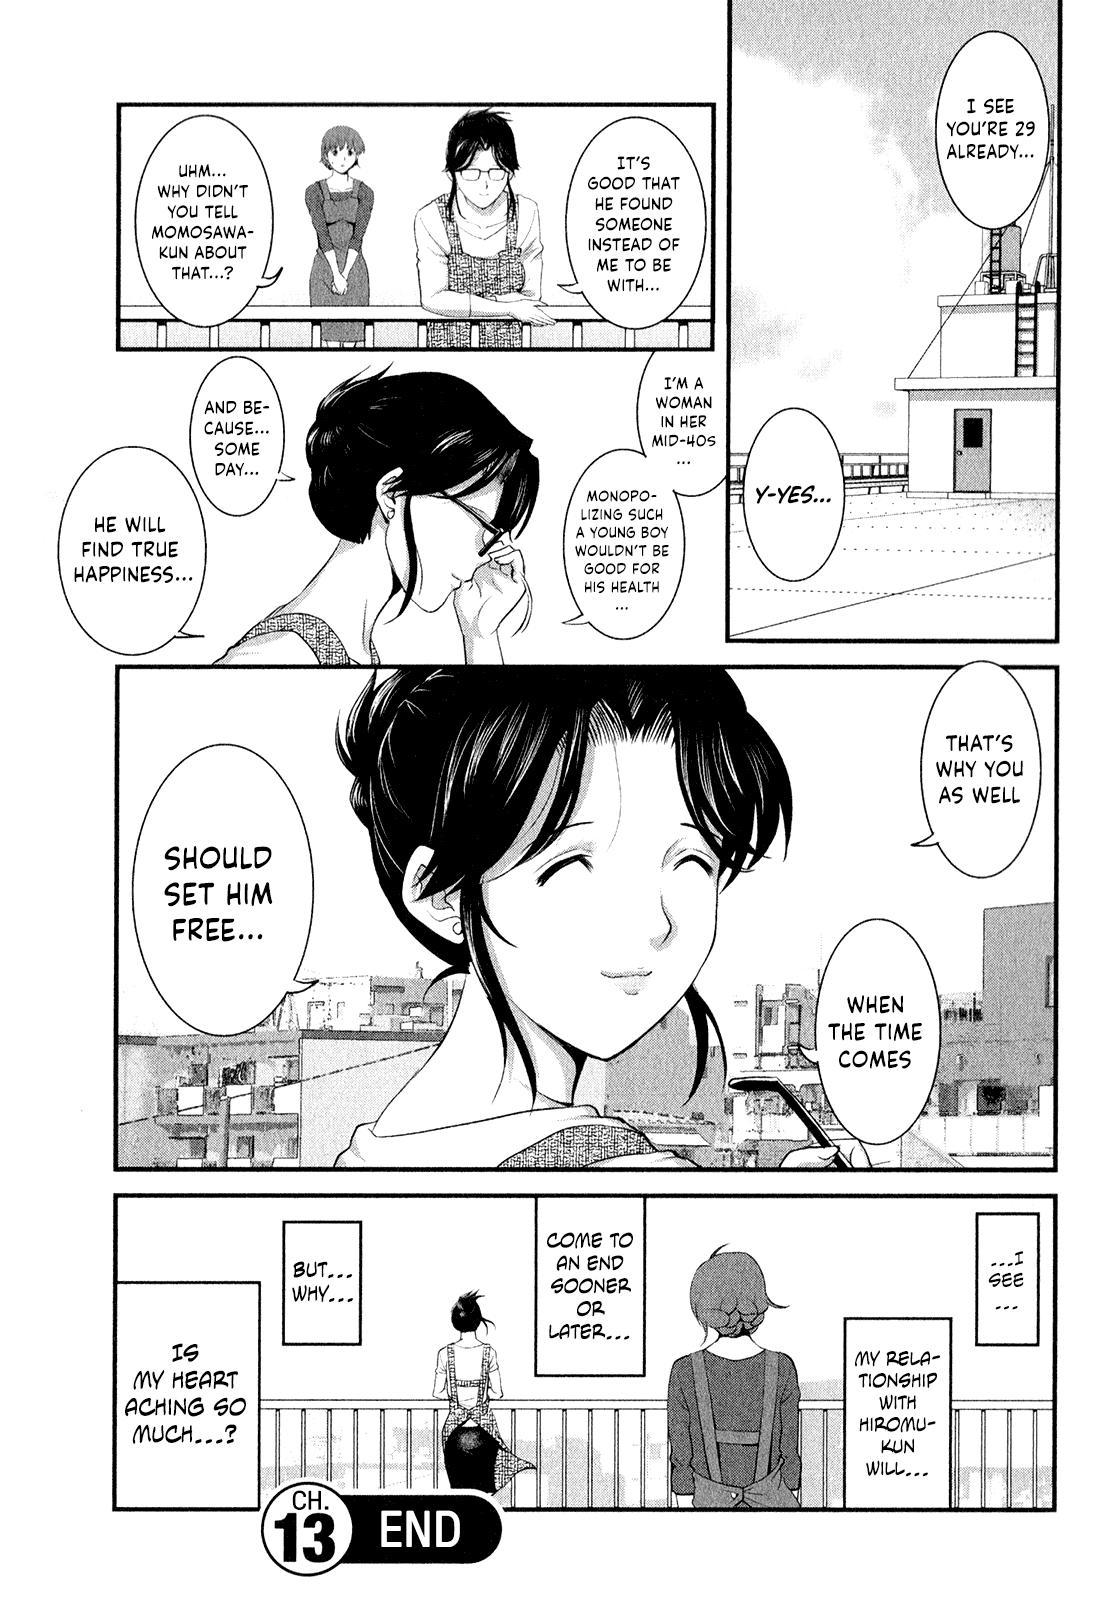 [Saigado] Hitozuma Audrey-san no Himitsu ~30-sai kara no Furyou Tsuma Kouza~ - Vol. 2 [English] {Hennojin} 112